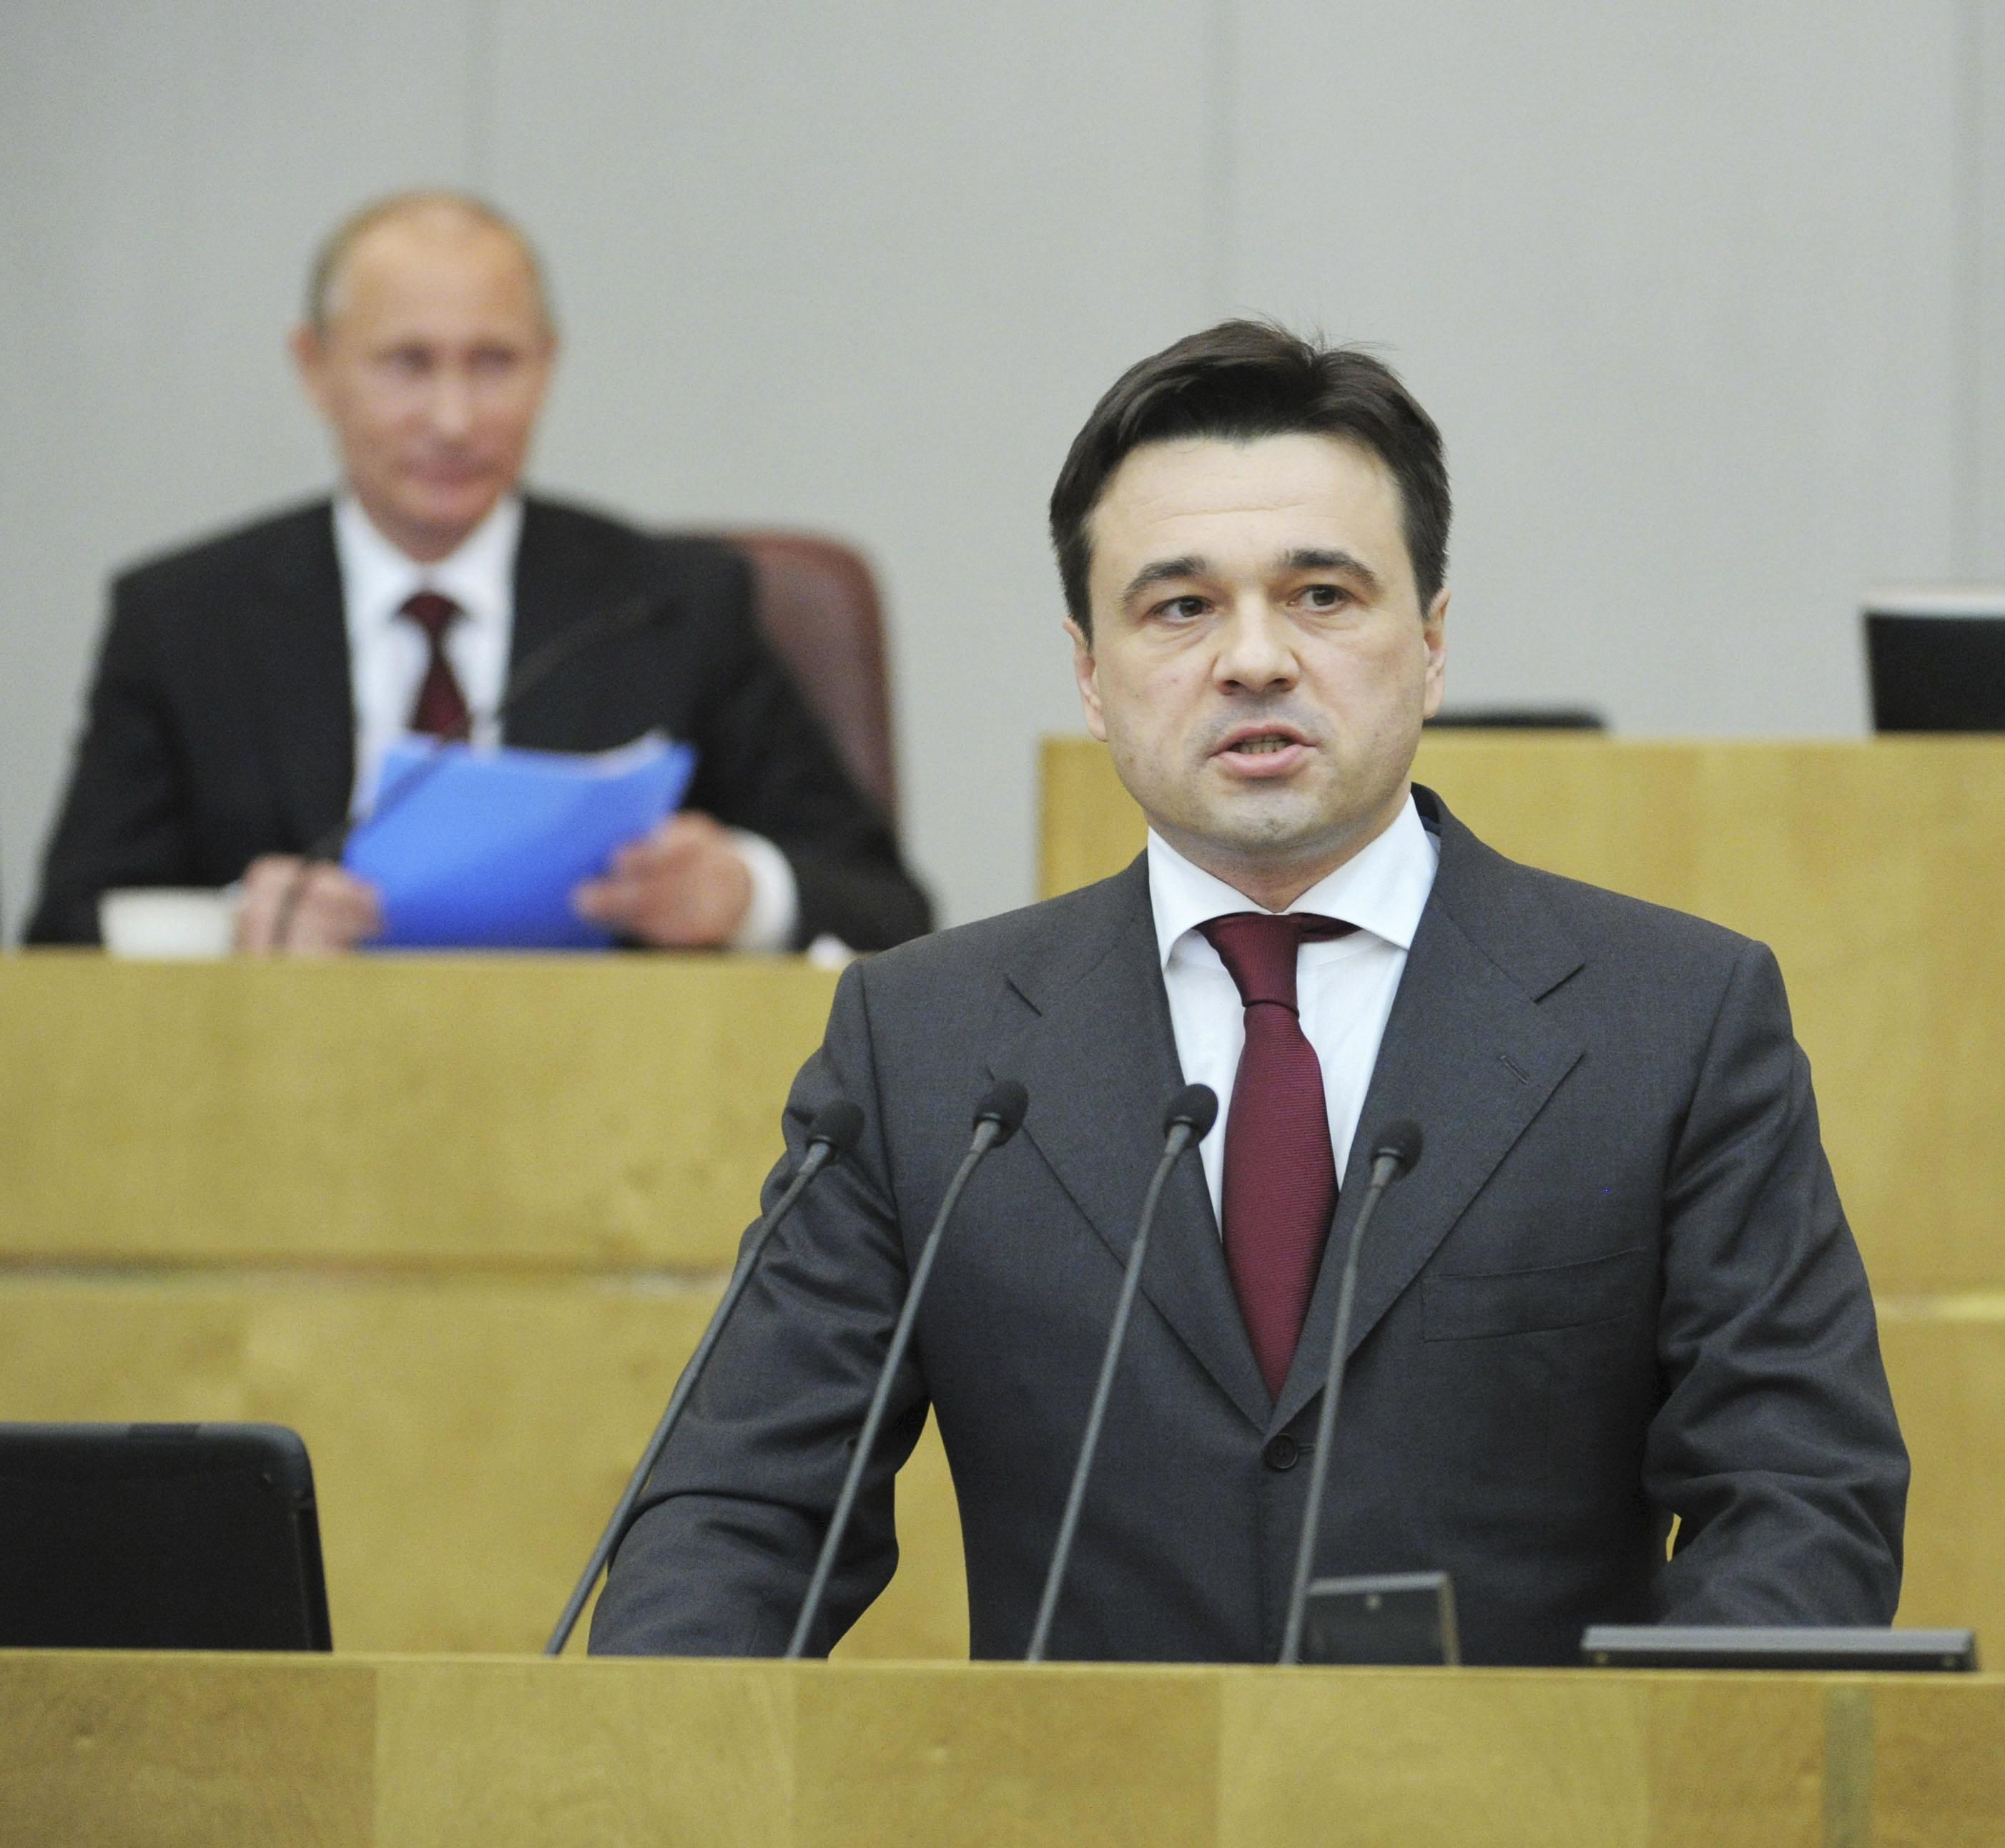 Единоросс Андрей Воробьев временно возглавил Подмосковье